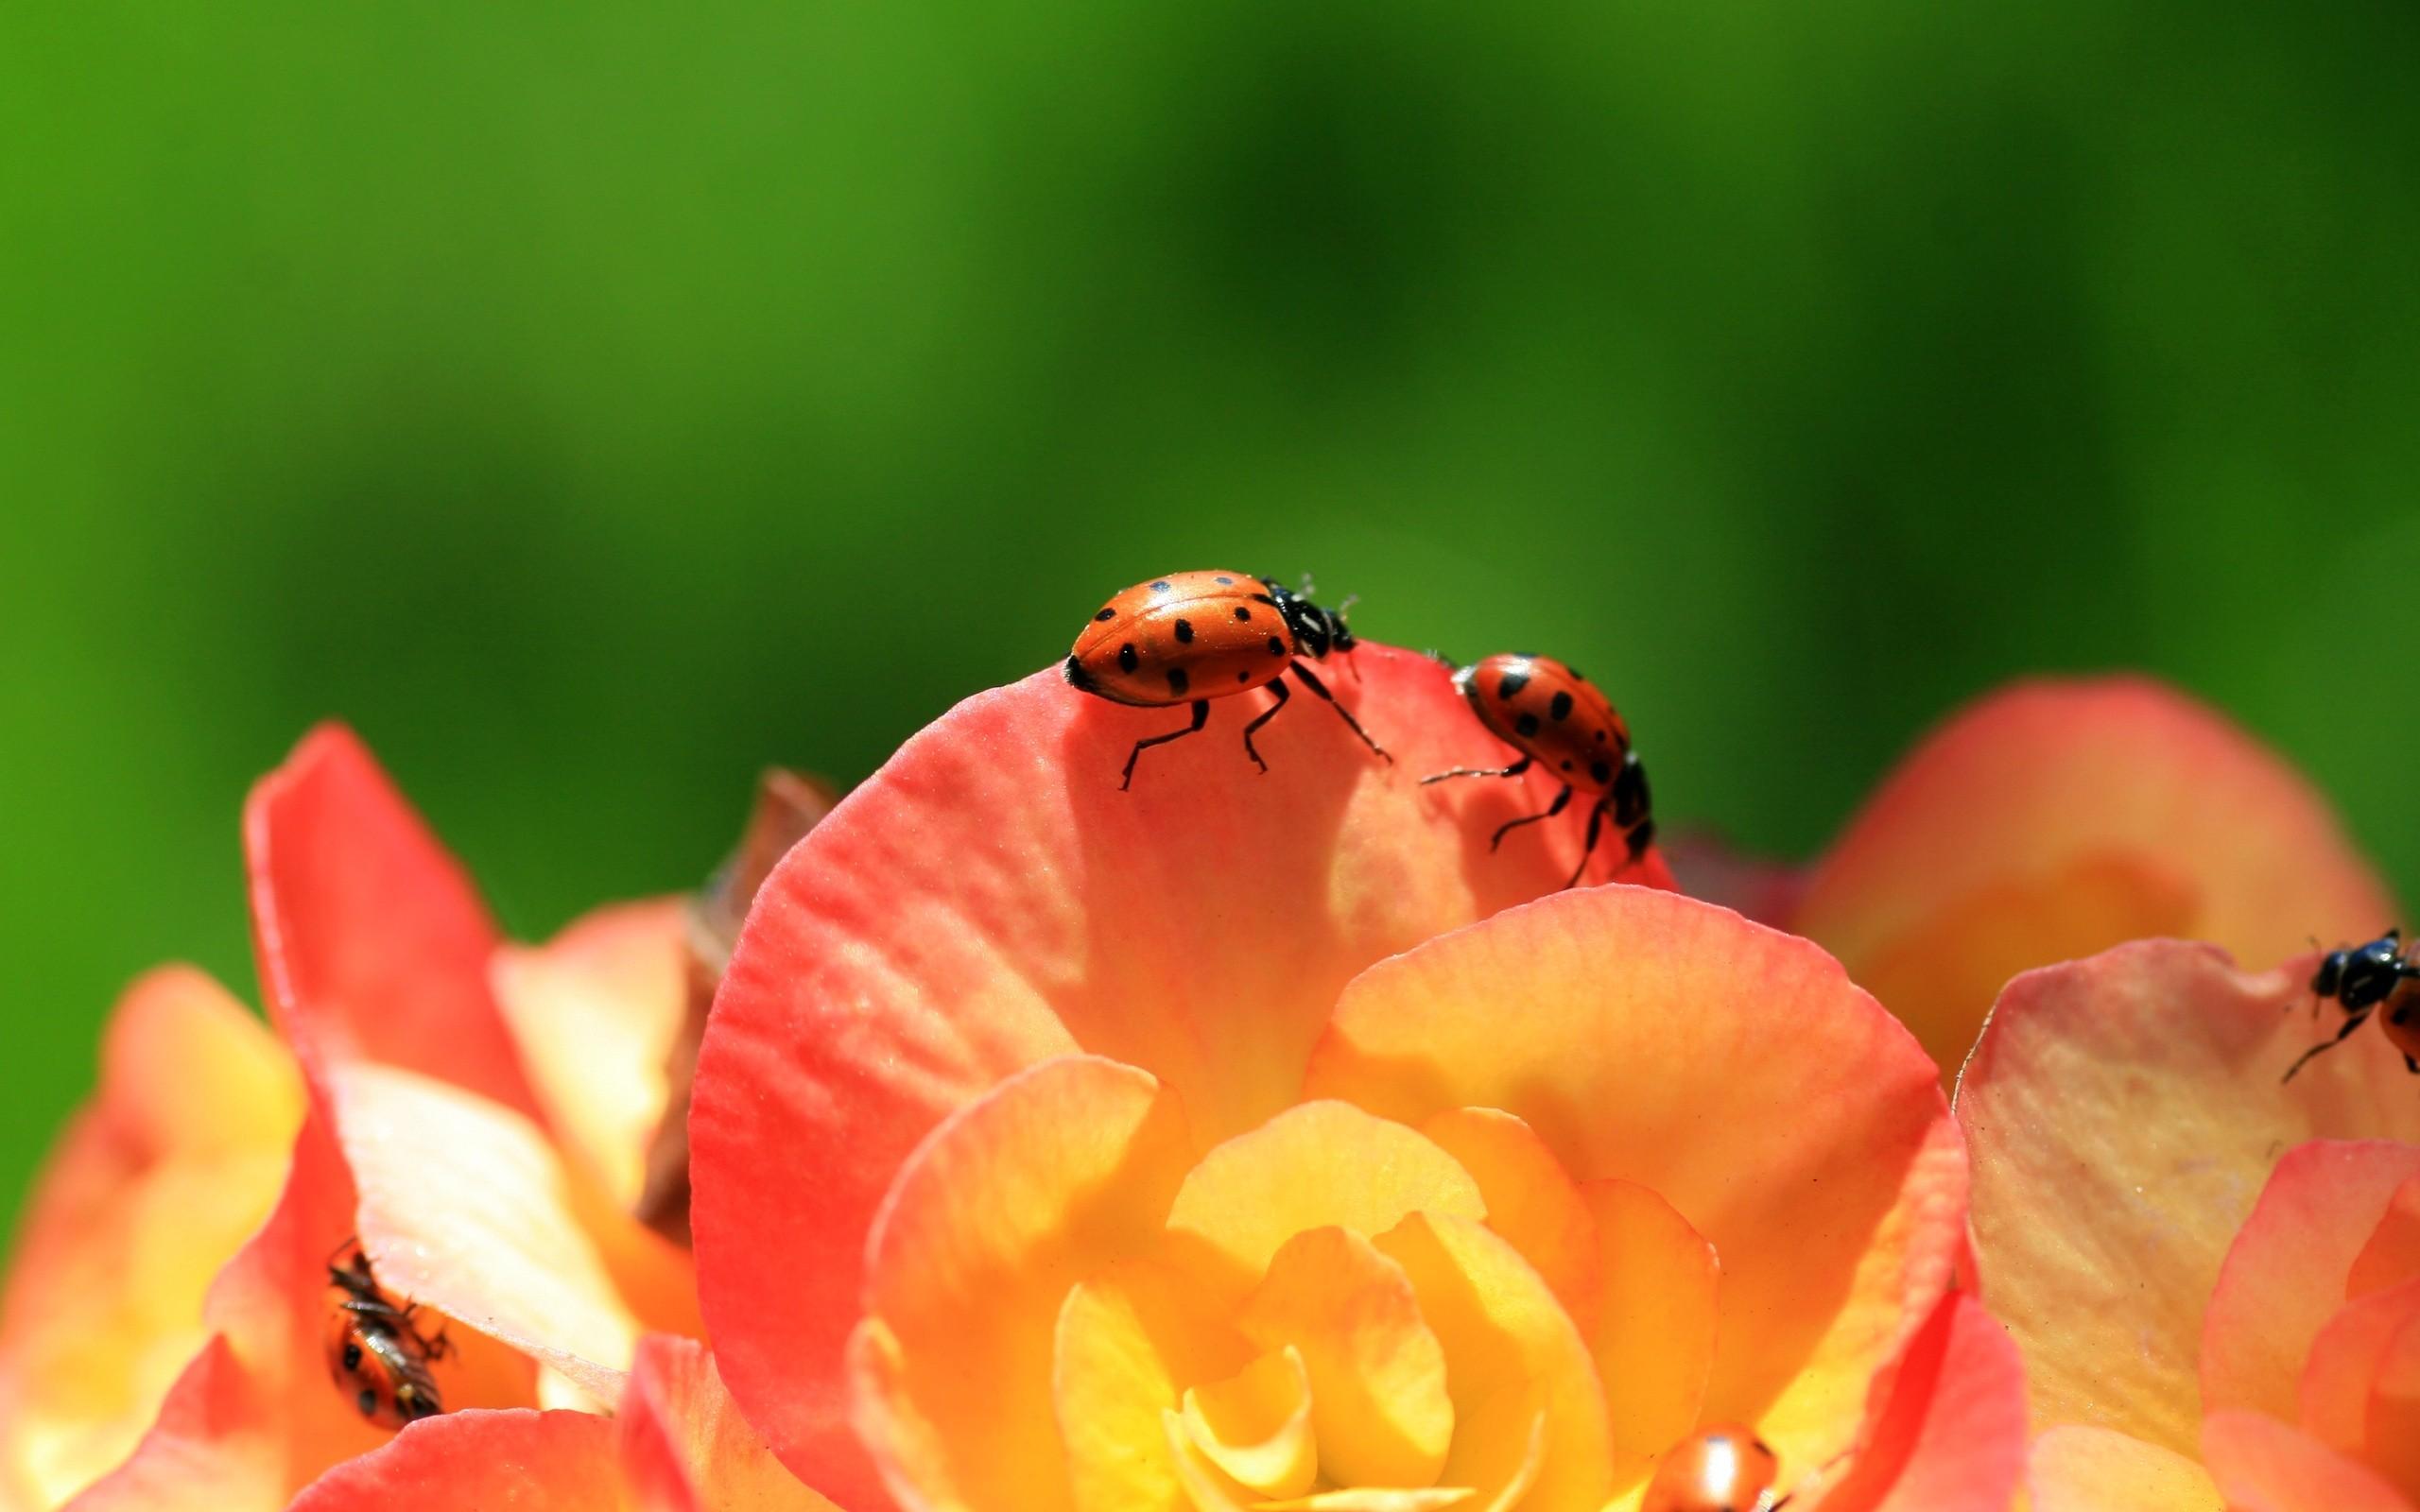 Unas mariquitas en las flores - 2560x1600